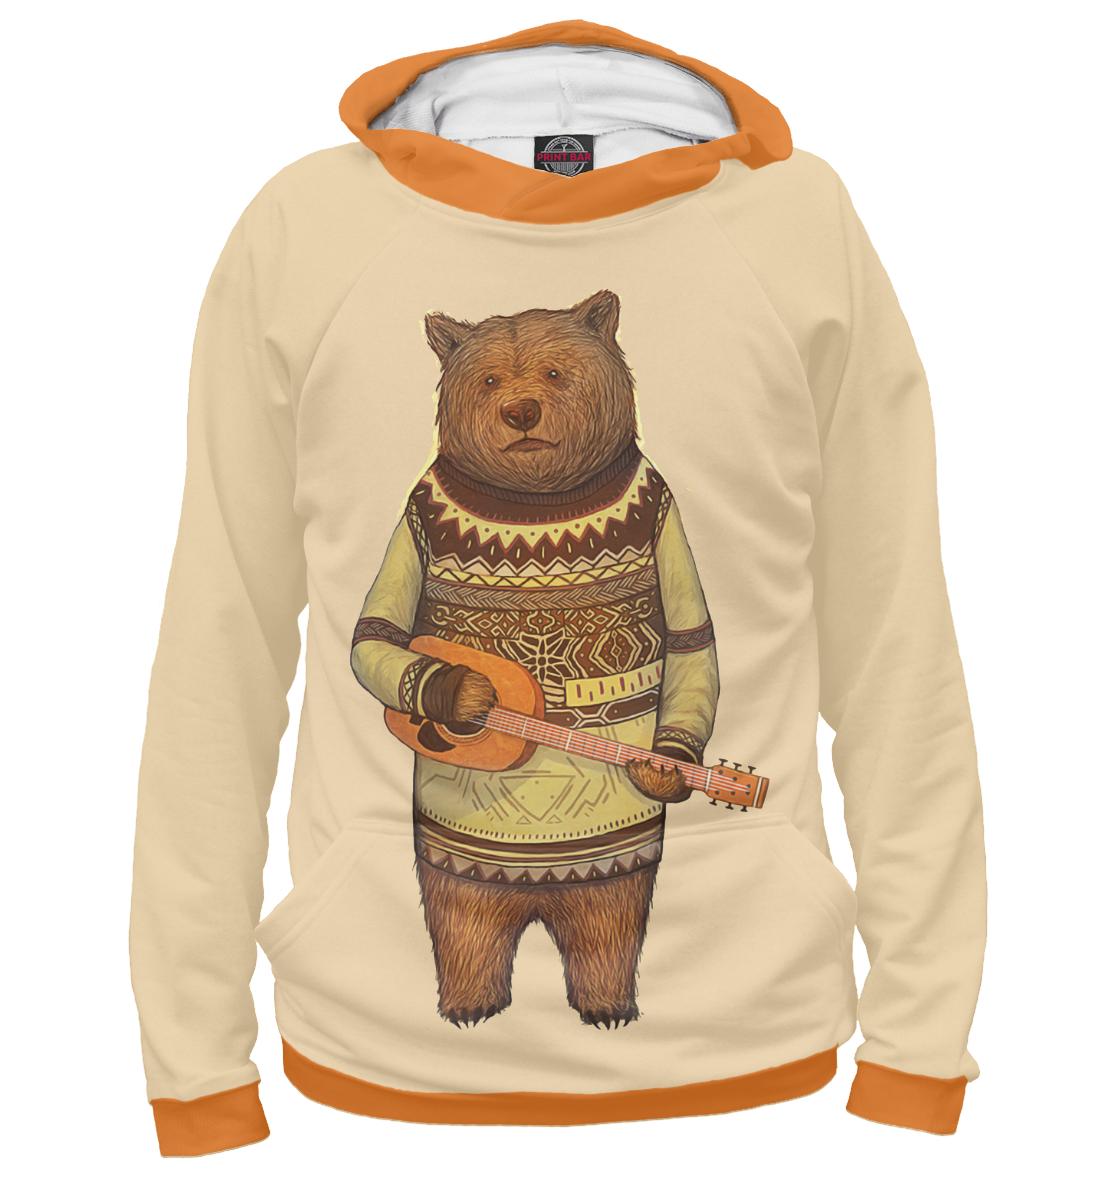 Купить Музыкальный медведь, Printbar, Худи, MED-386692-hud-2